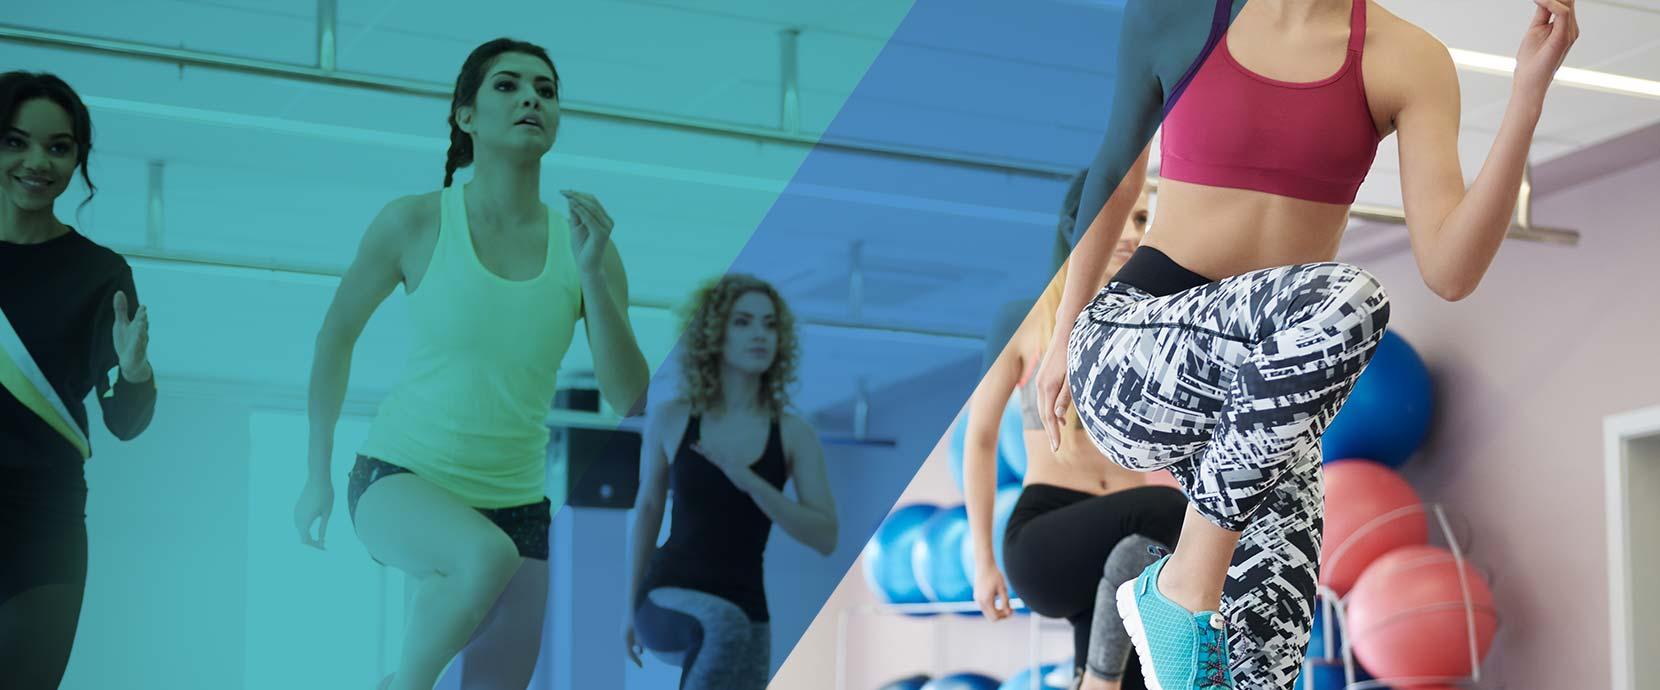 Toate funcționalitățile de care are nevoie sala ta de aerobic